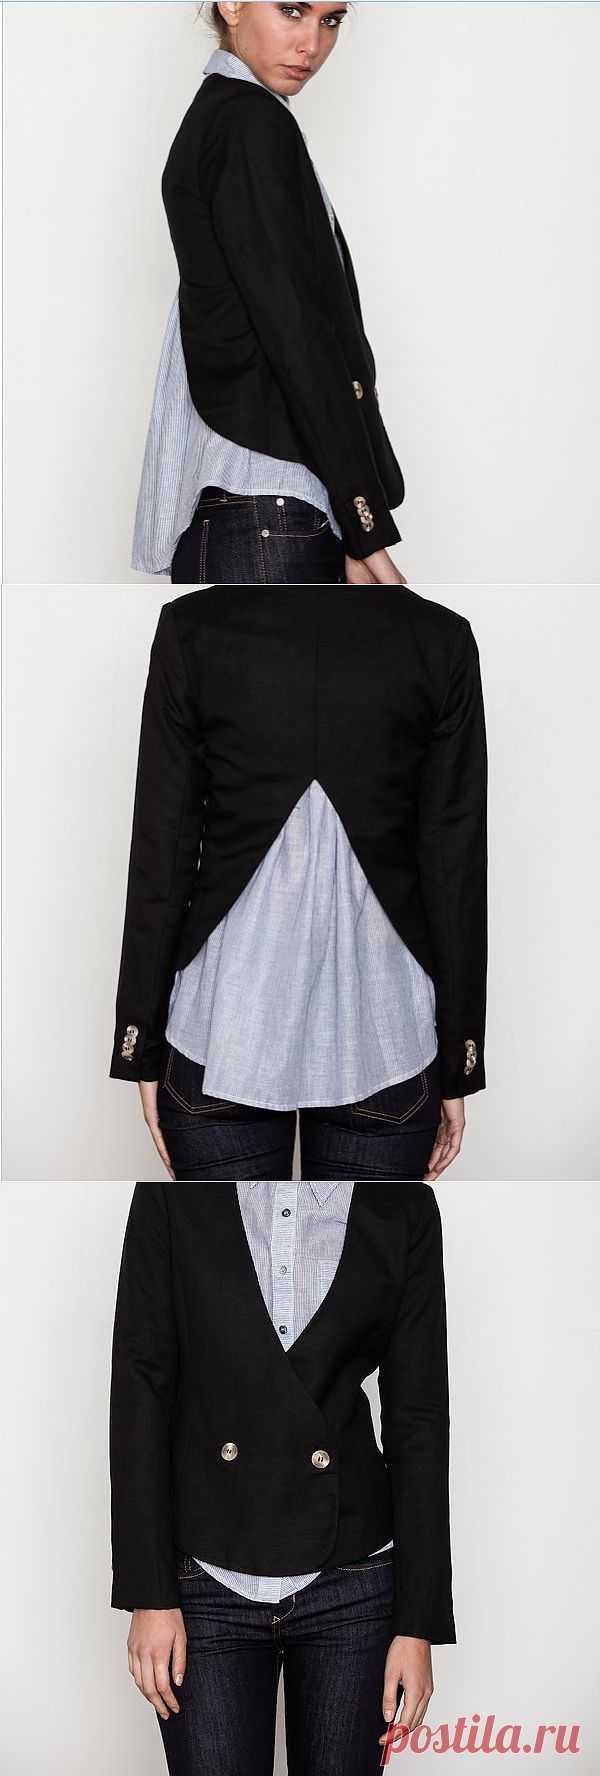 Комплект - двойка / Жакеты / Модный сайт о стильной переделке одежды и интерьера